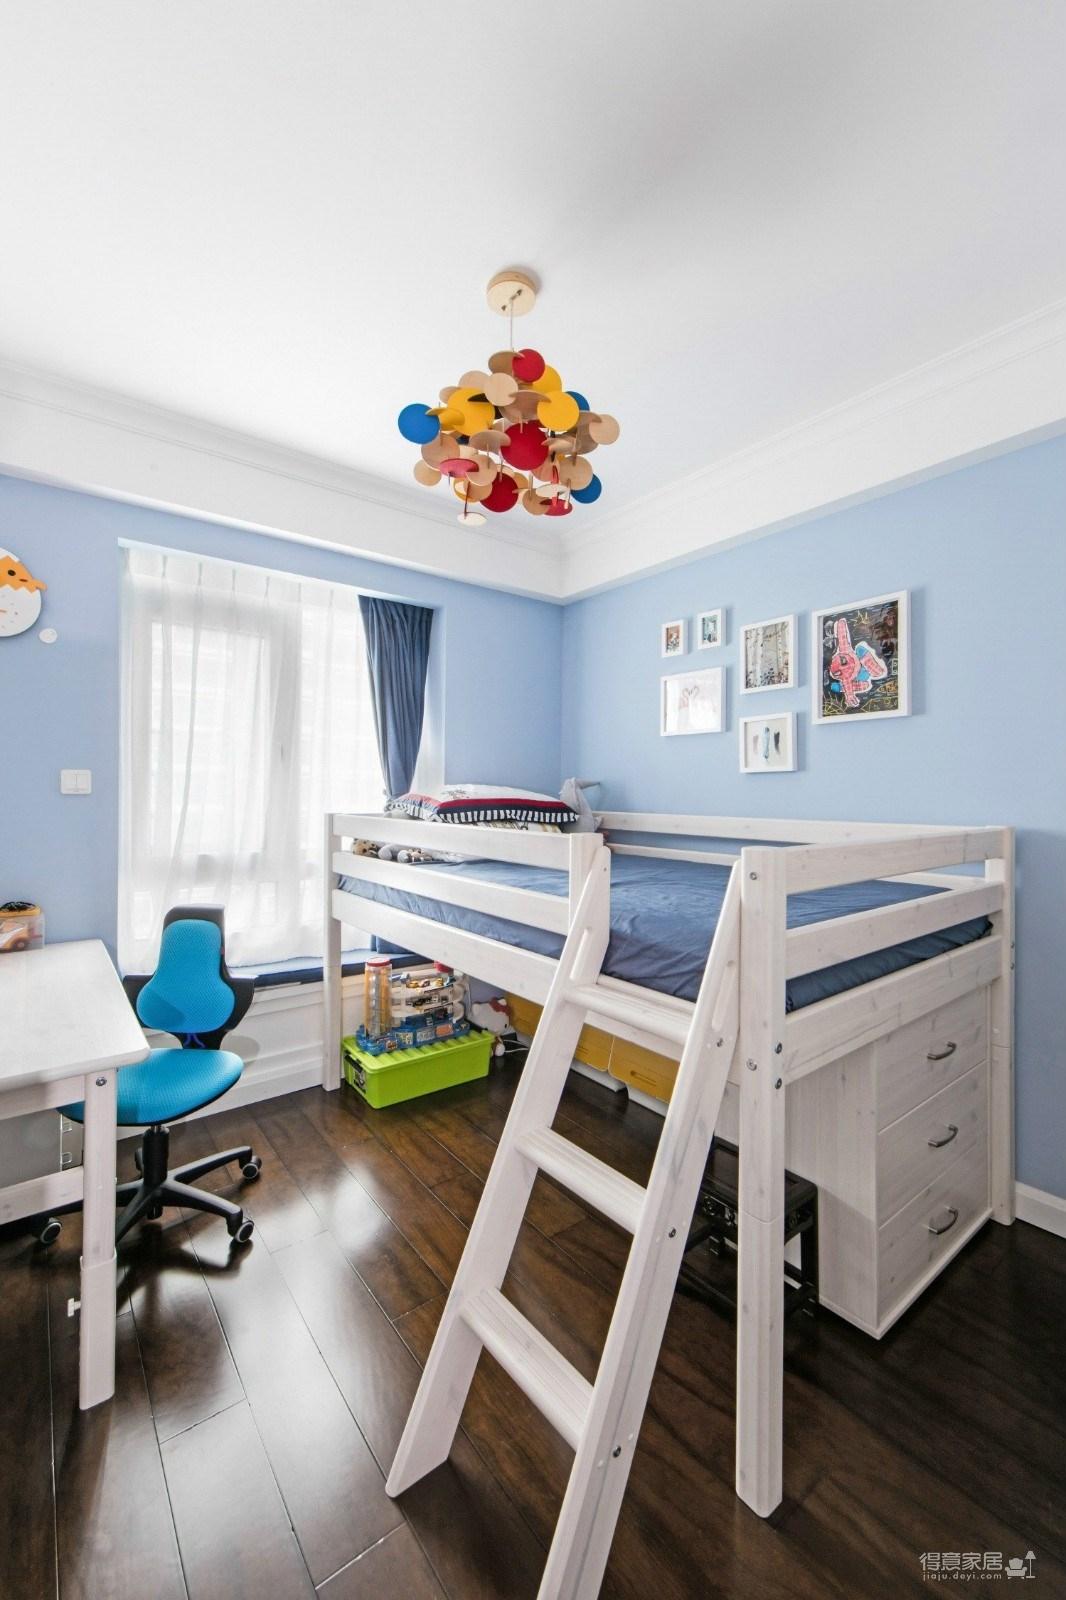 125平三室两厅一卫 美式+小轻奢图_10